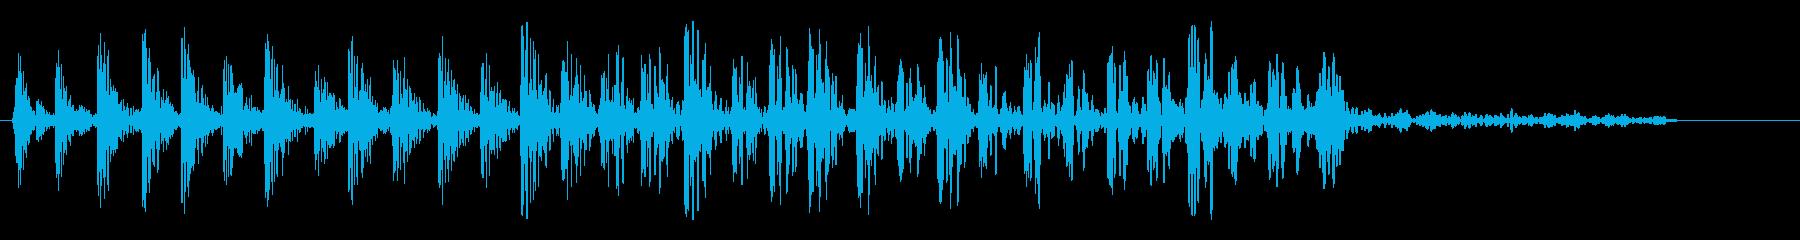 シャララ系ダウン(キュルル)の再生済みの波形